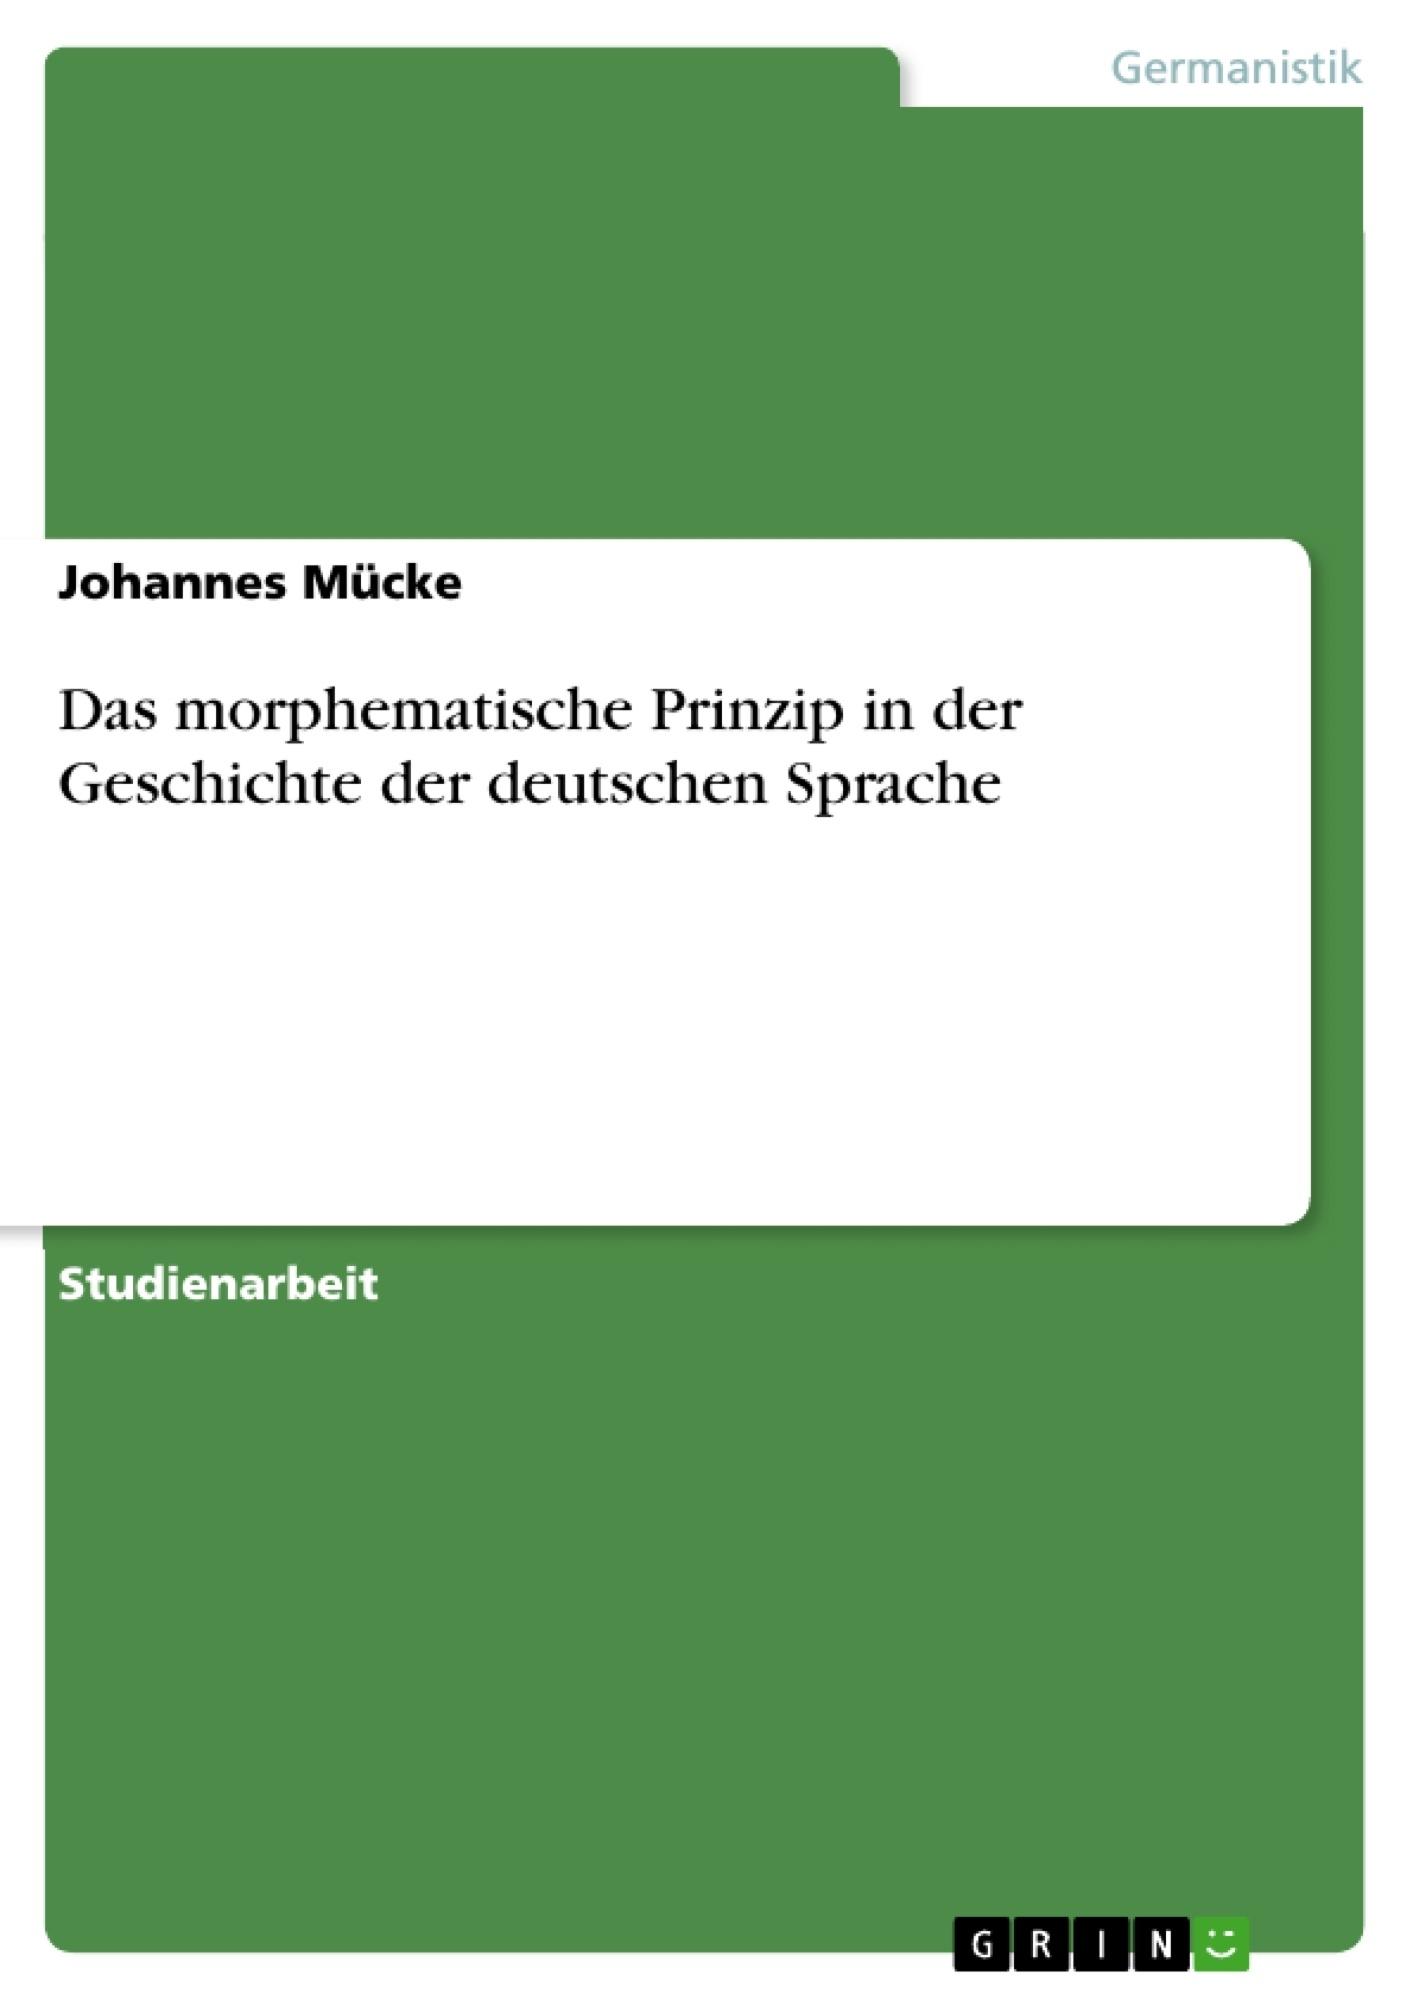 Titel: Das morphematische Prinzip in der Geschichte der deutschen Sprache